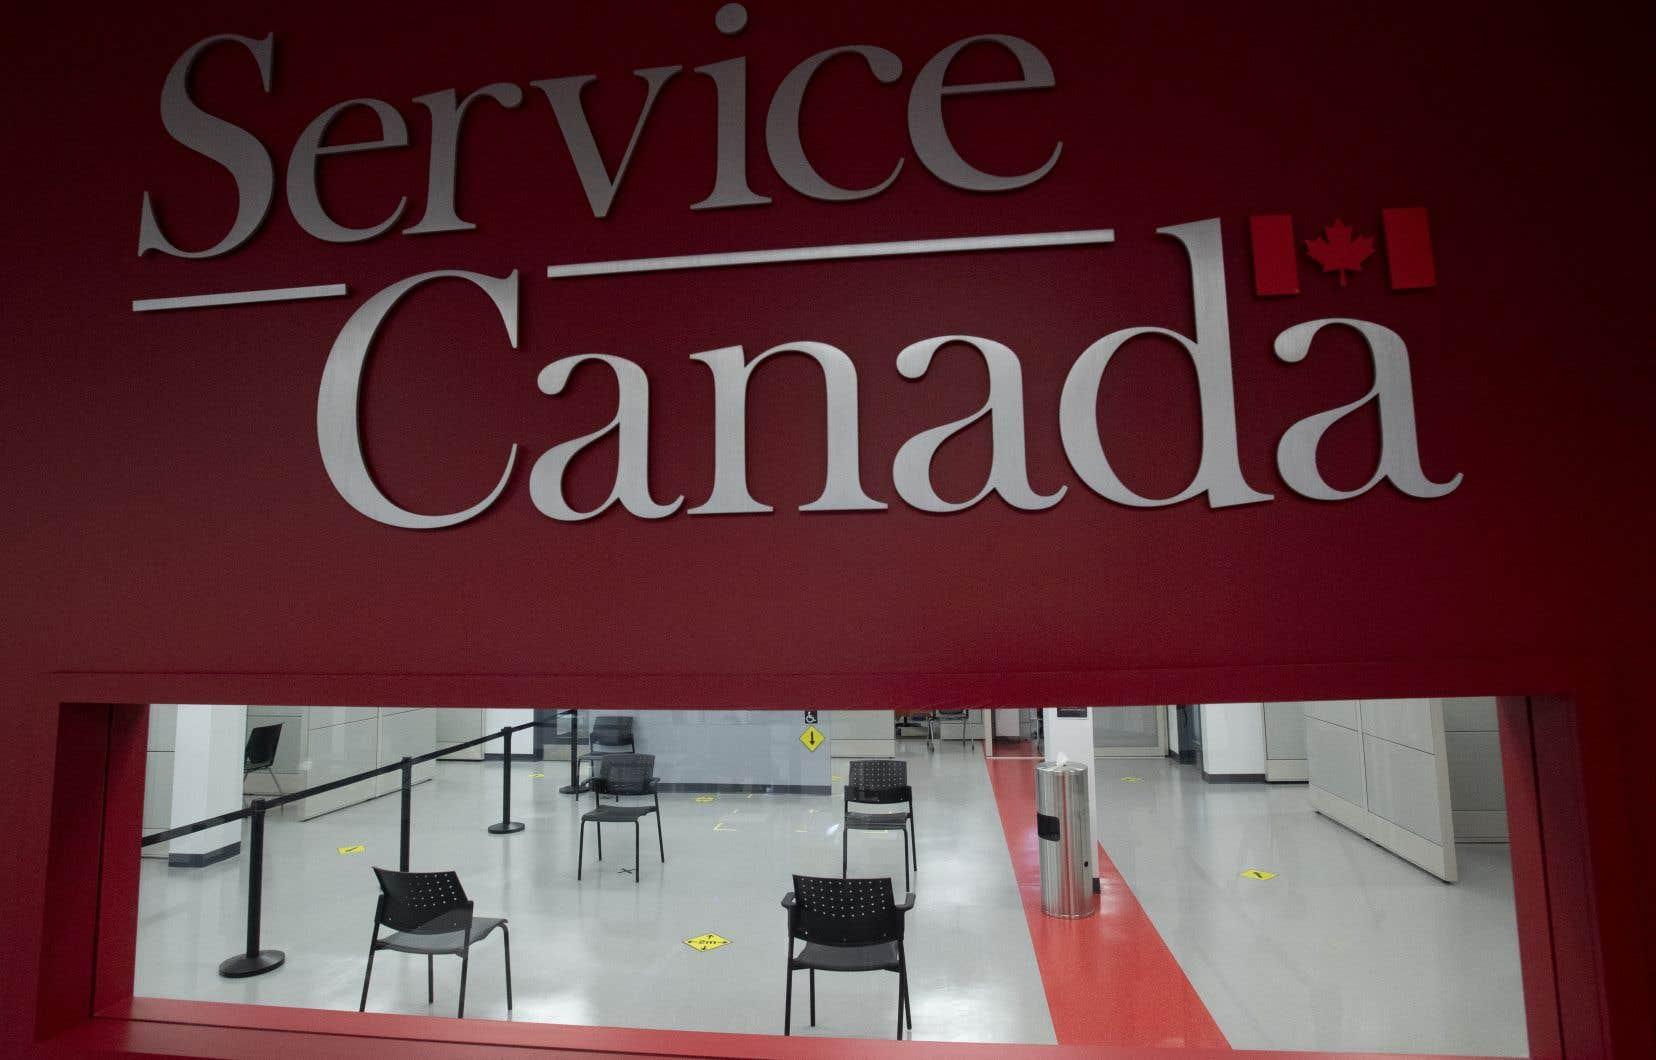 Jusqu'à 90 succursales de Service Canada devraient ouvrir leurs portes d'ici la fin du mois.